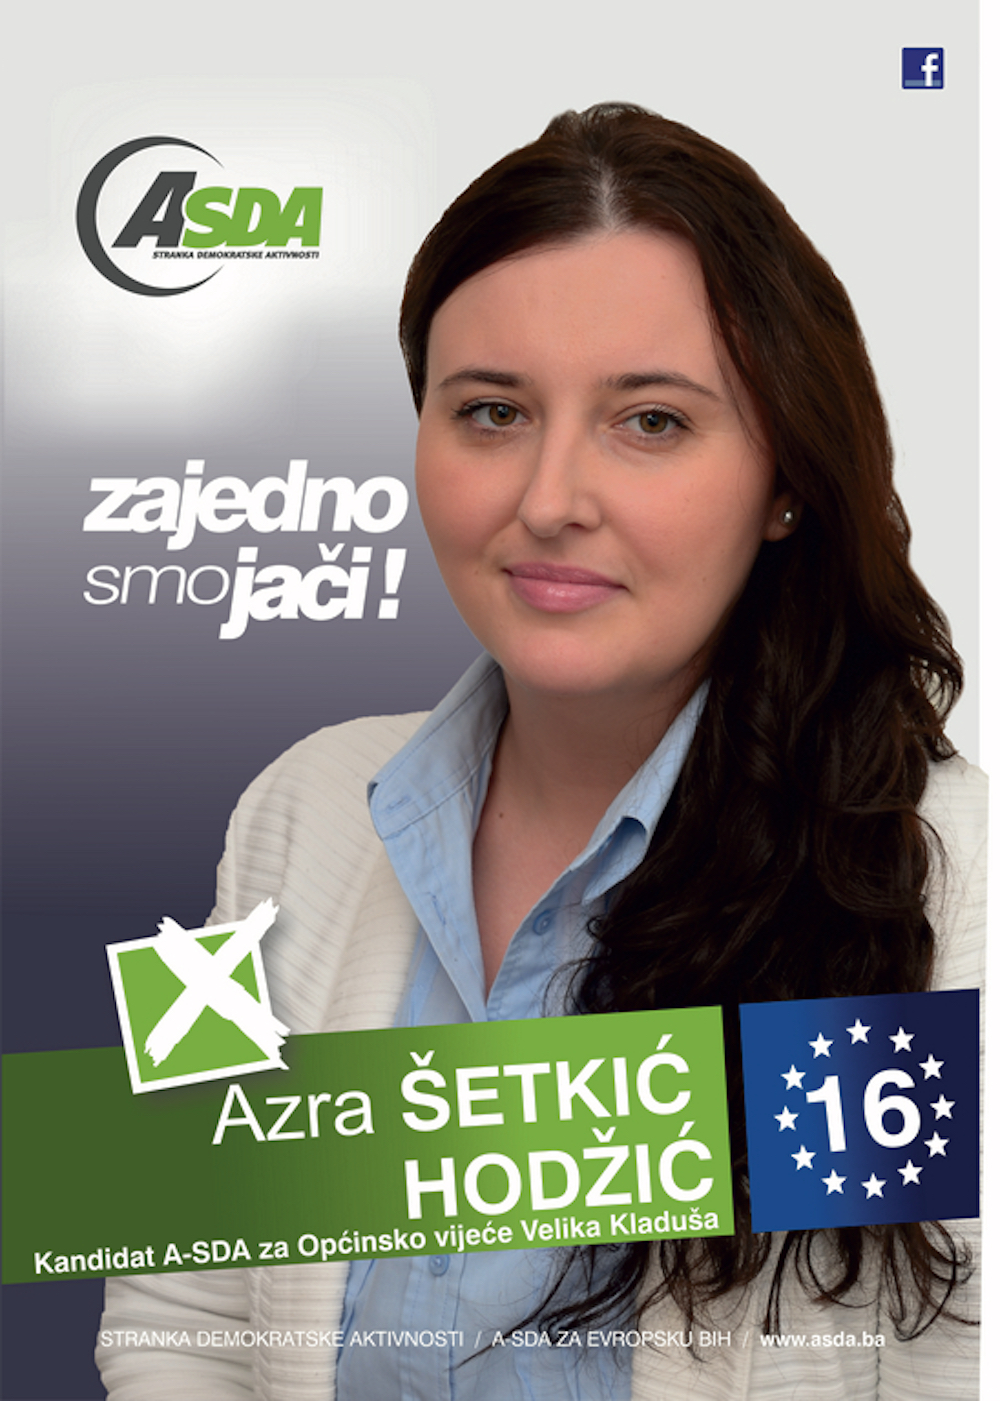 """Rođena 30.11.1989.godine Mr. Razredne nastave Zaposlena u JU OŠ""""Donja Vidovska"""" Udana, majka 1 djeteta"""